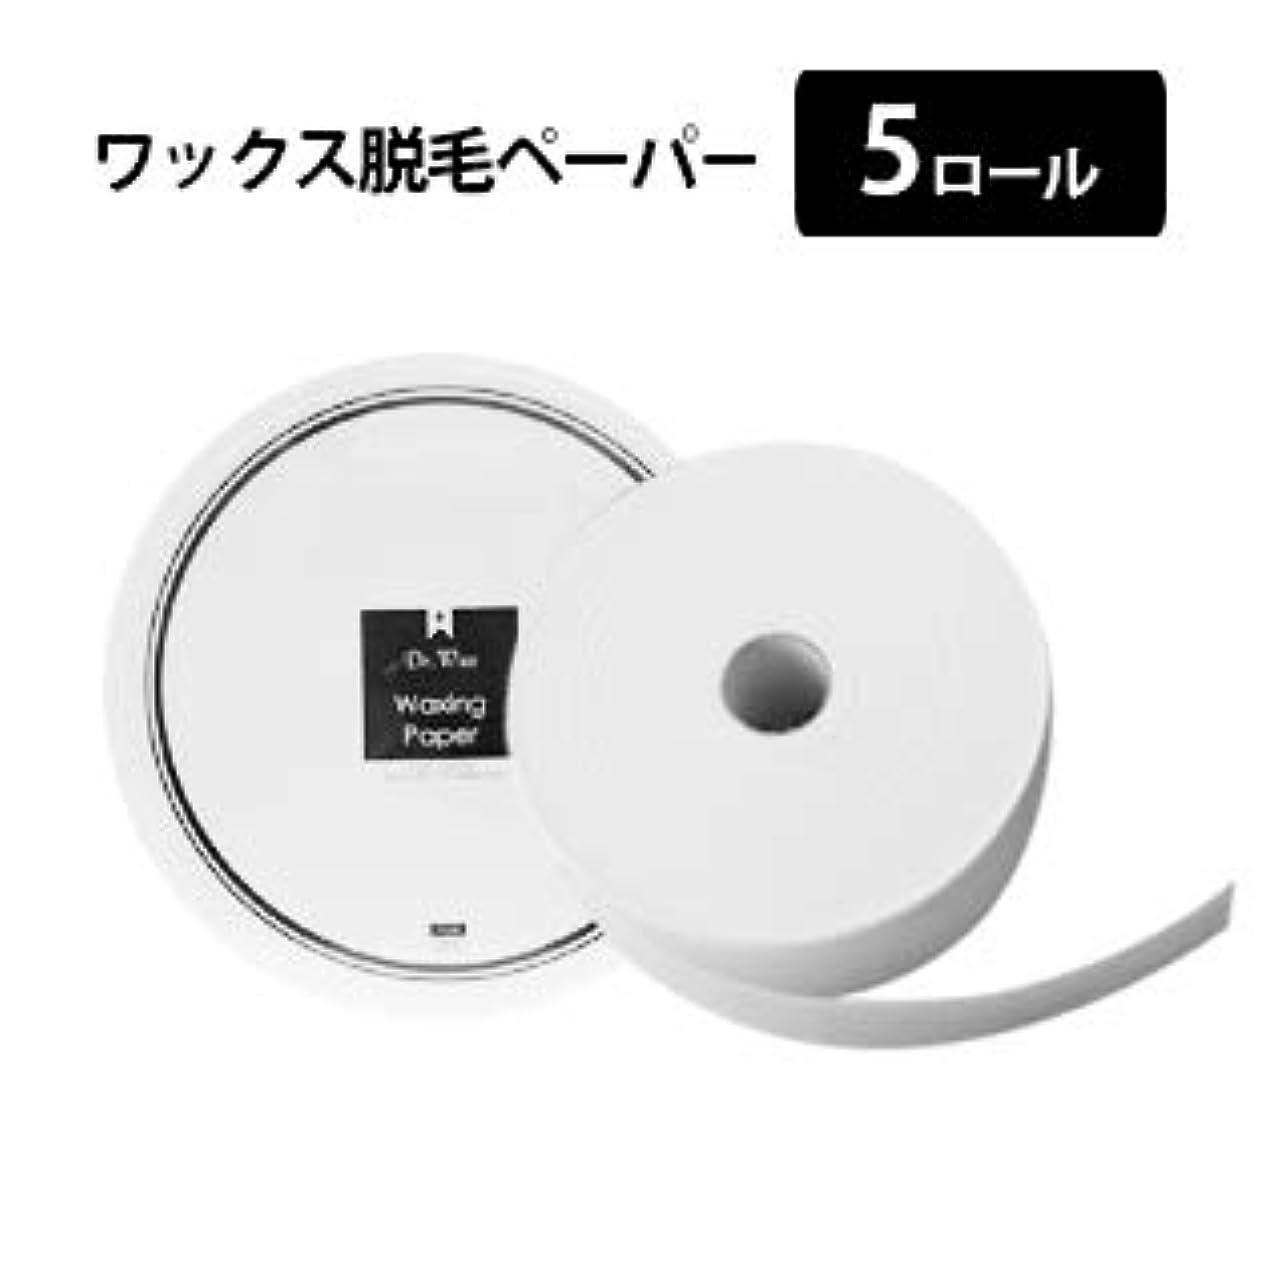 ドットイル下着【5ロール】ワックスロールペーパー 7cm スパンレース素材